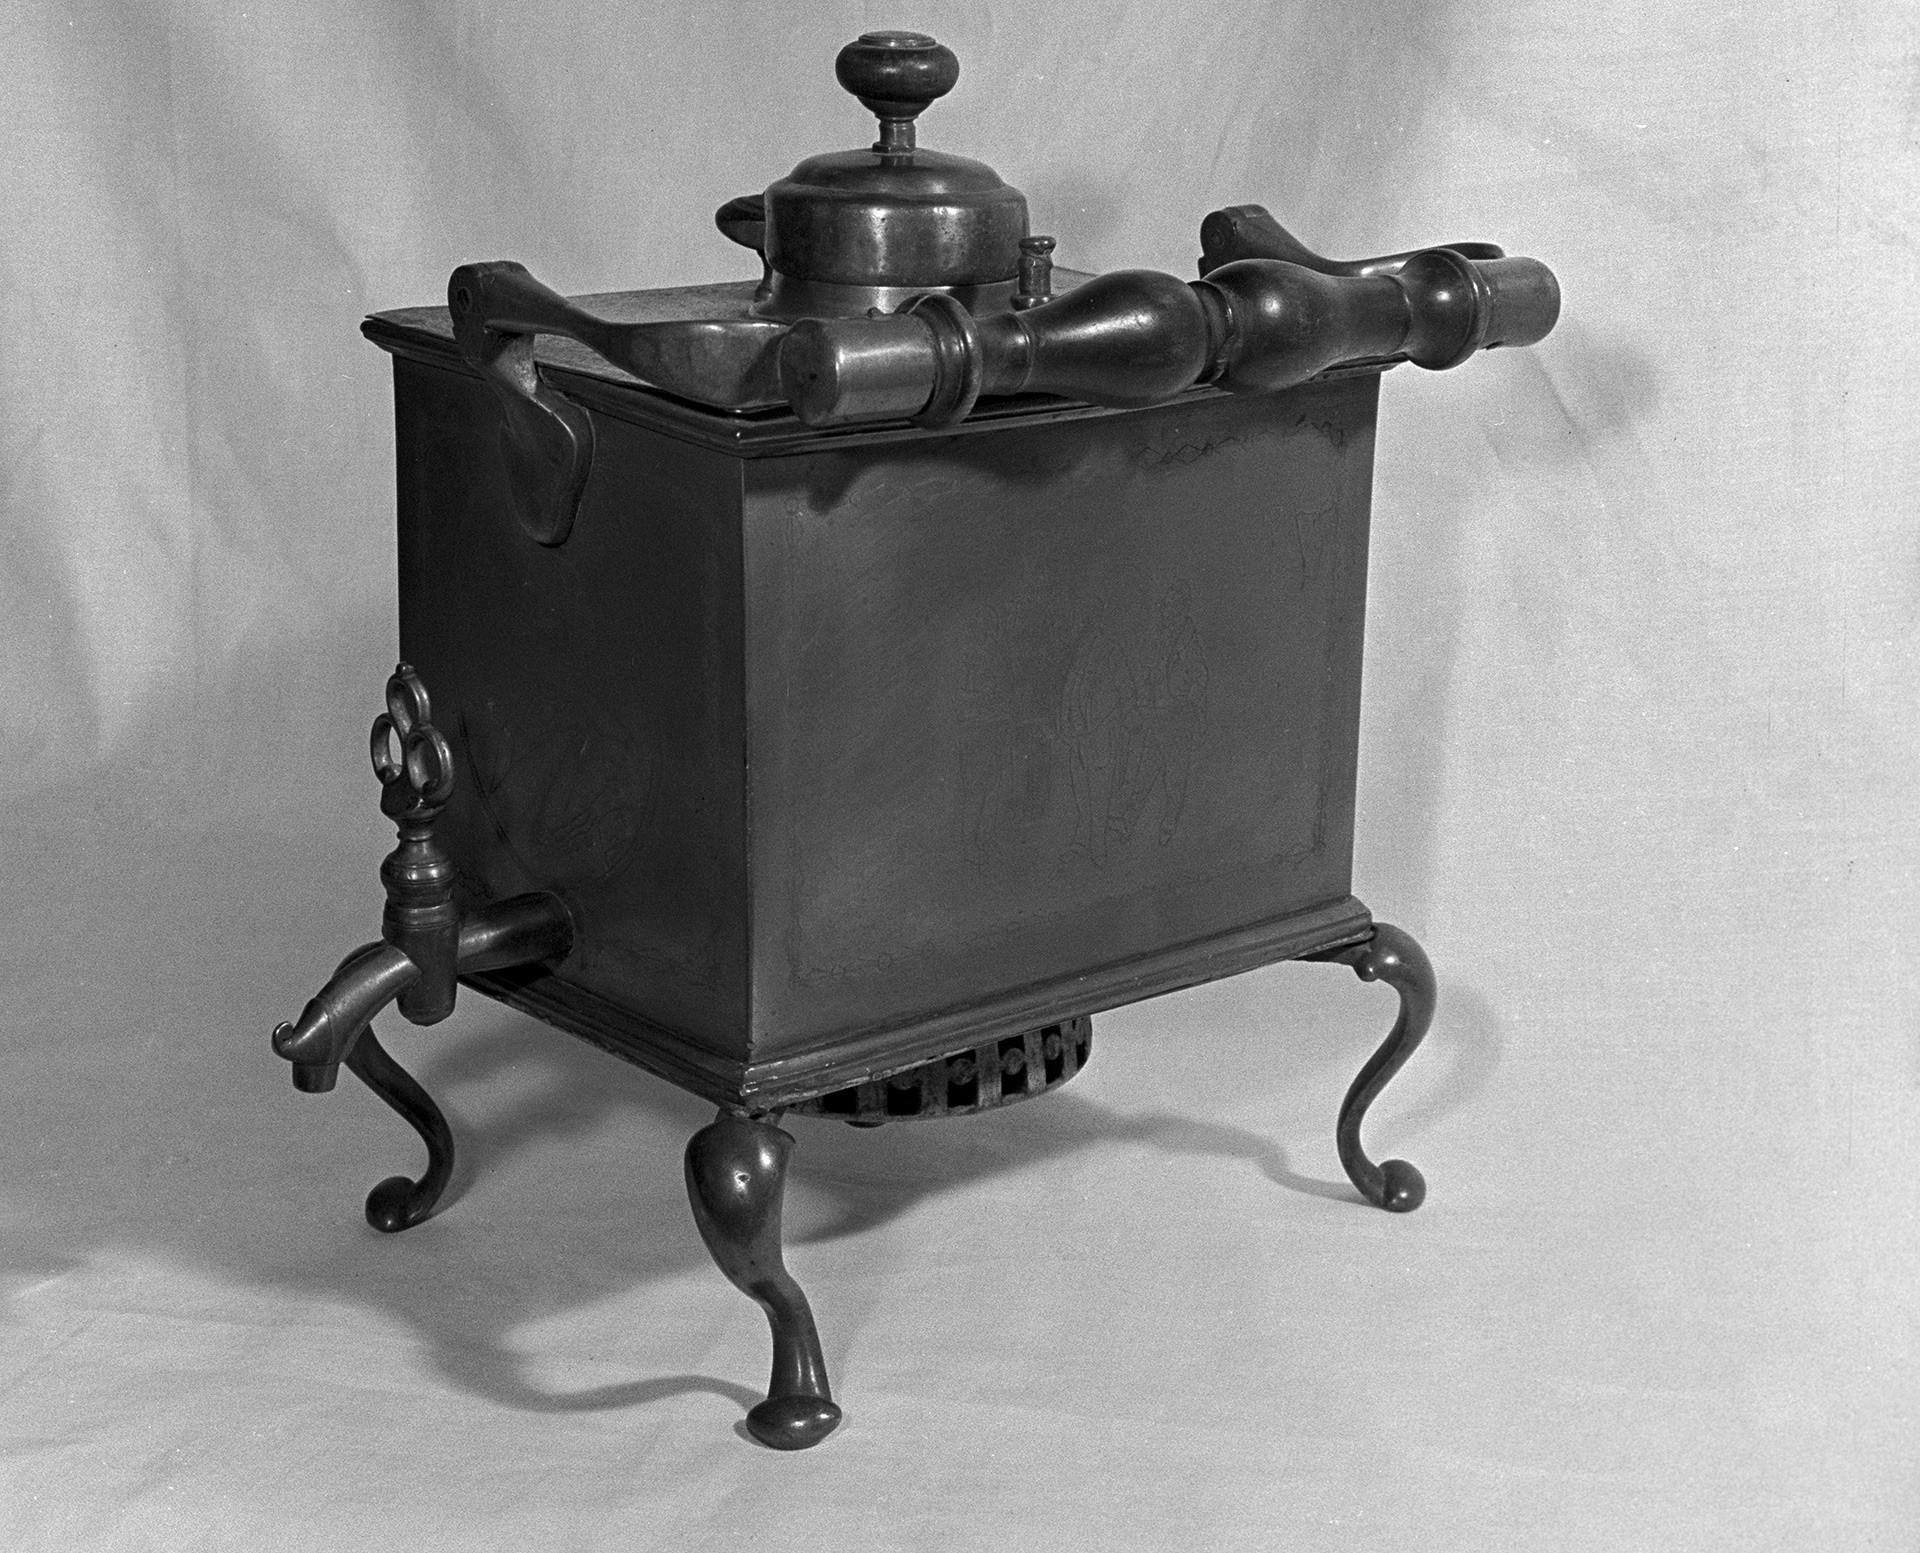 Ivan Lisitsin, o fundador da primeira fábrica de samovar de Tula, usava este aparelho do século 18 para viajar.